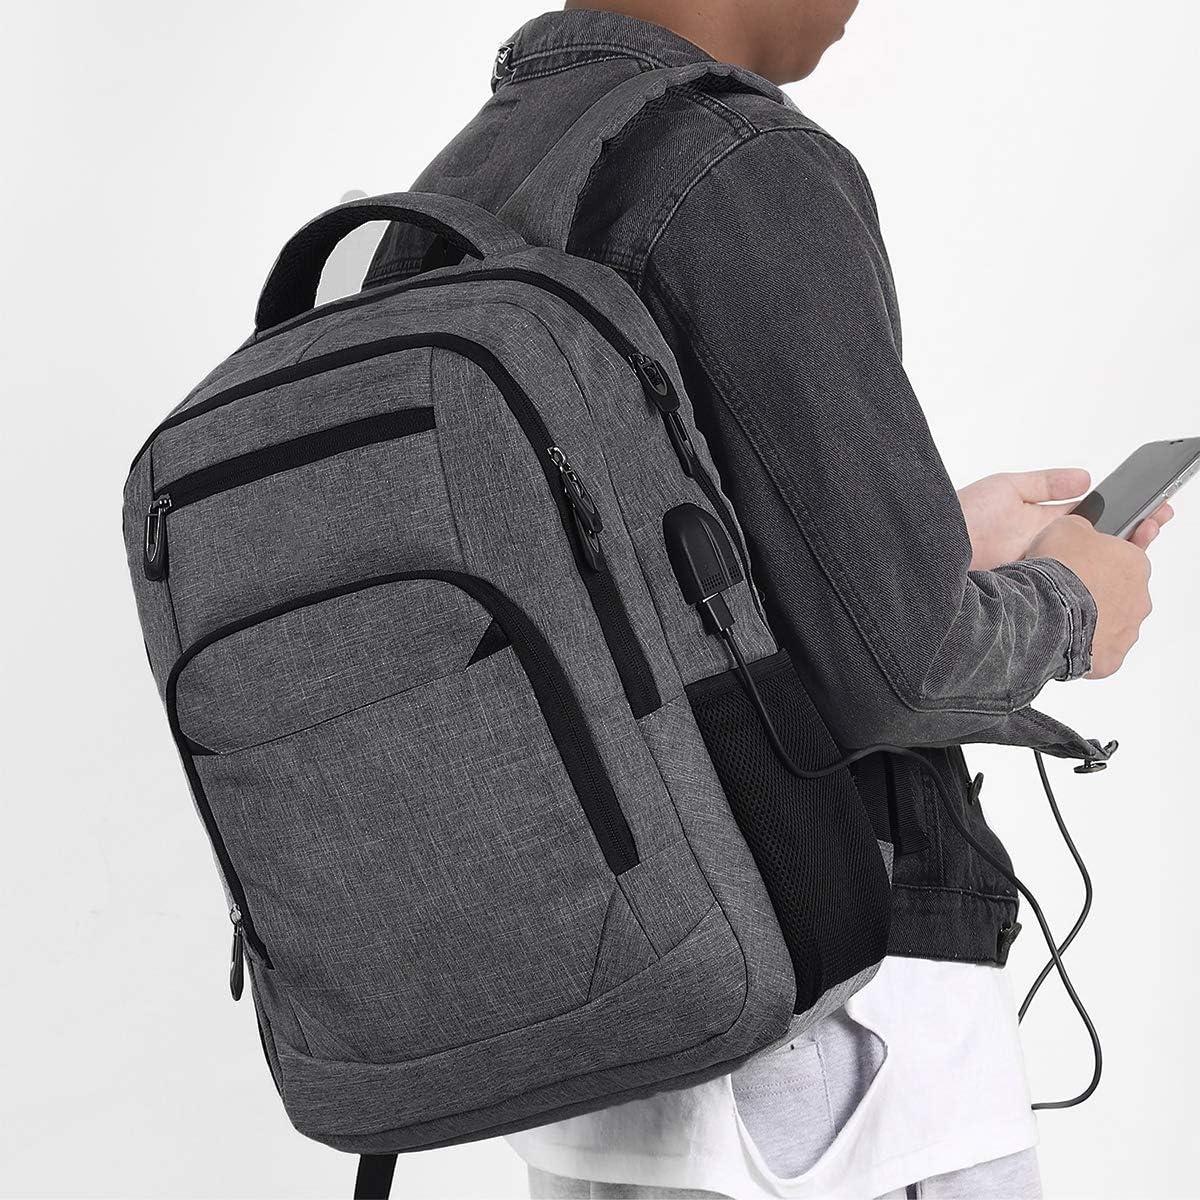 Schulrucksack M/ädchen Teenager Rucksack Schule Laptop Rucksack f/ür Damen Daypacks f/ür 15.6 Zoll Laptop Business Rucksack mit USB Ladeanschluss